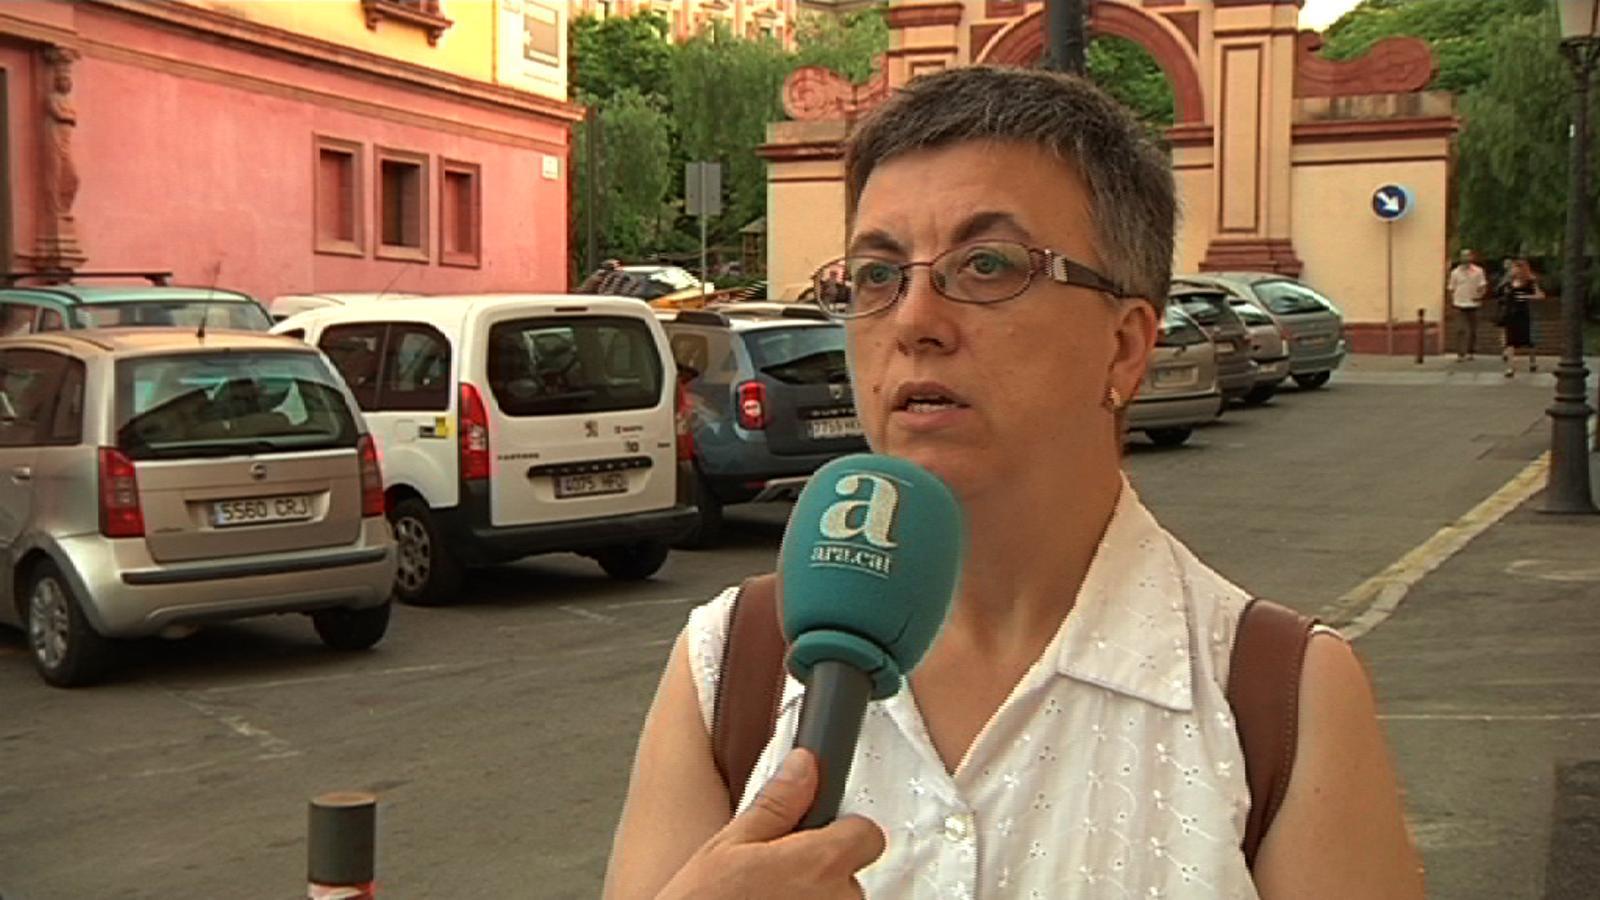 Joana Raja: He vist dues obres del Grec i m'han semblat magnífiques!